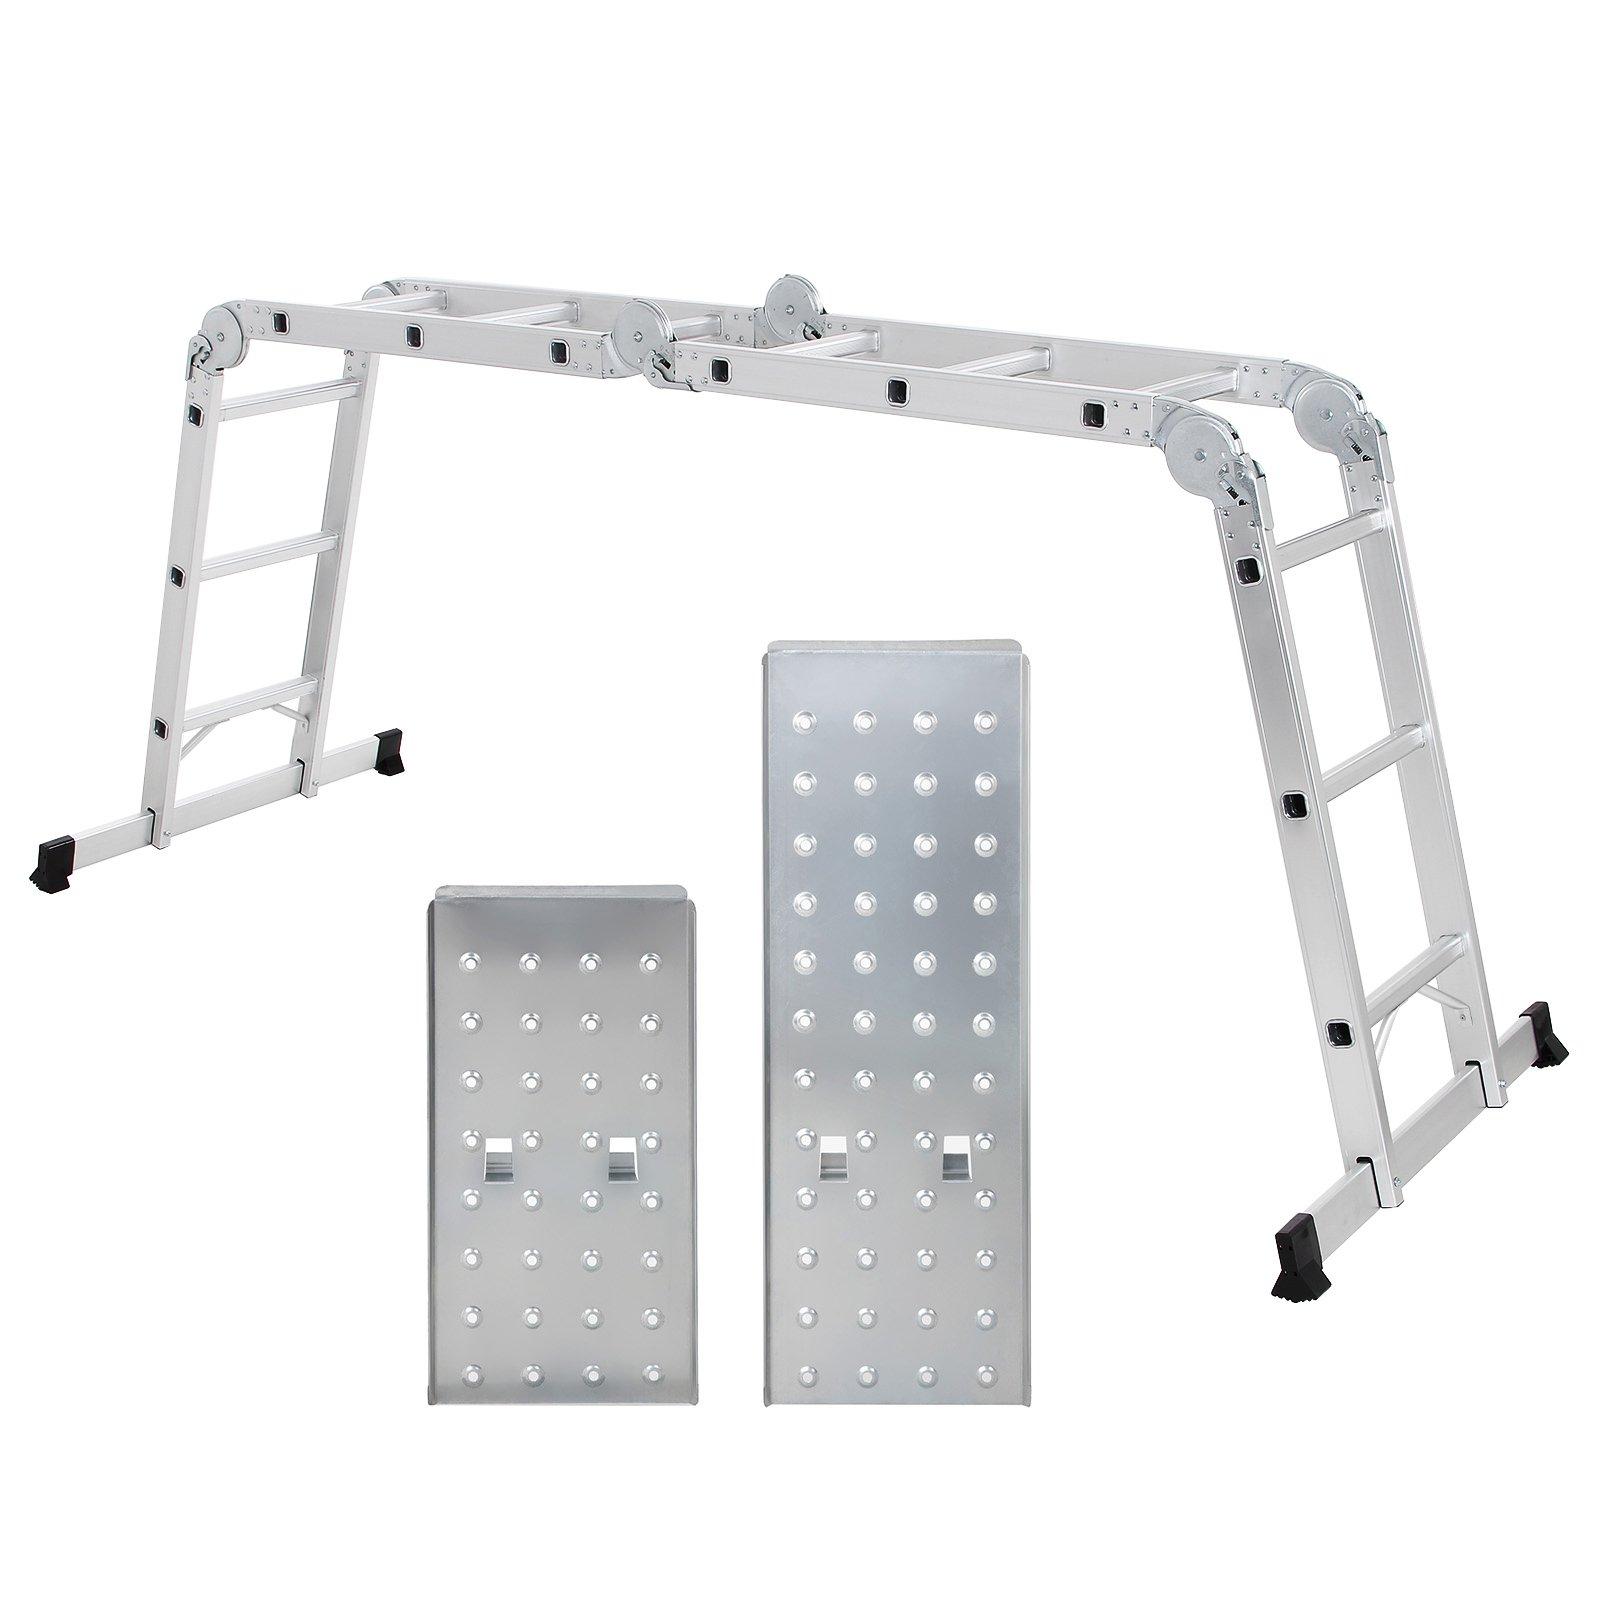 SONGMICS Echelle Aluminium Pliante Multifonction avec 2 panneaux Résistant à 150 kg Conforme aux normes EN131 et testé par TÜV Rheinland GS GLT36M product image